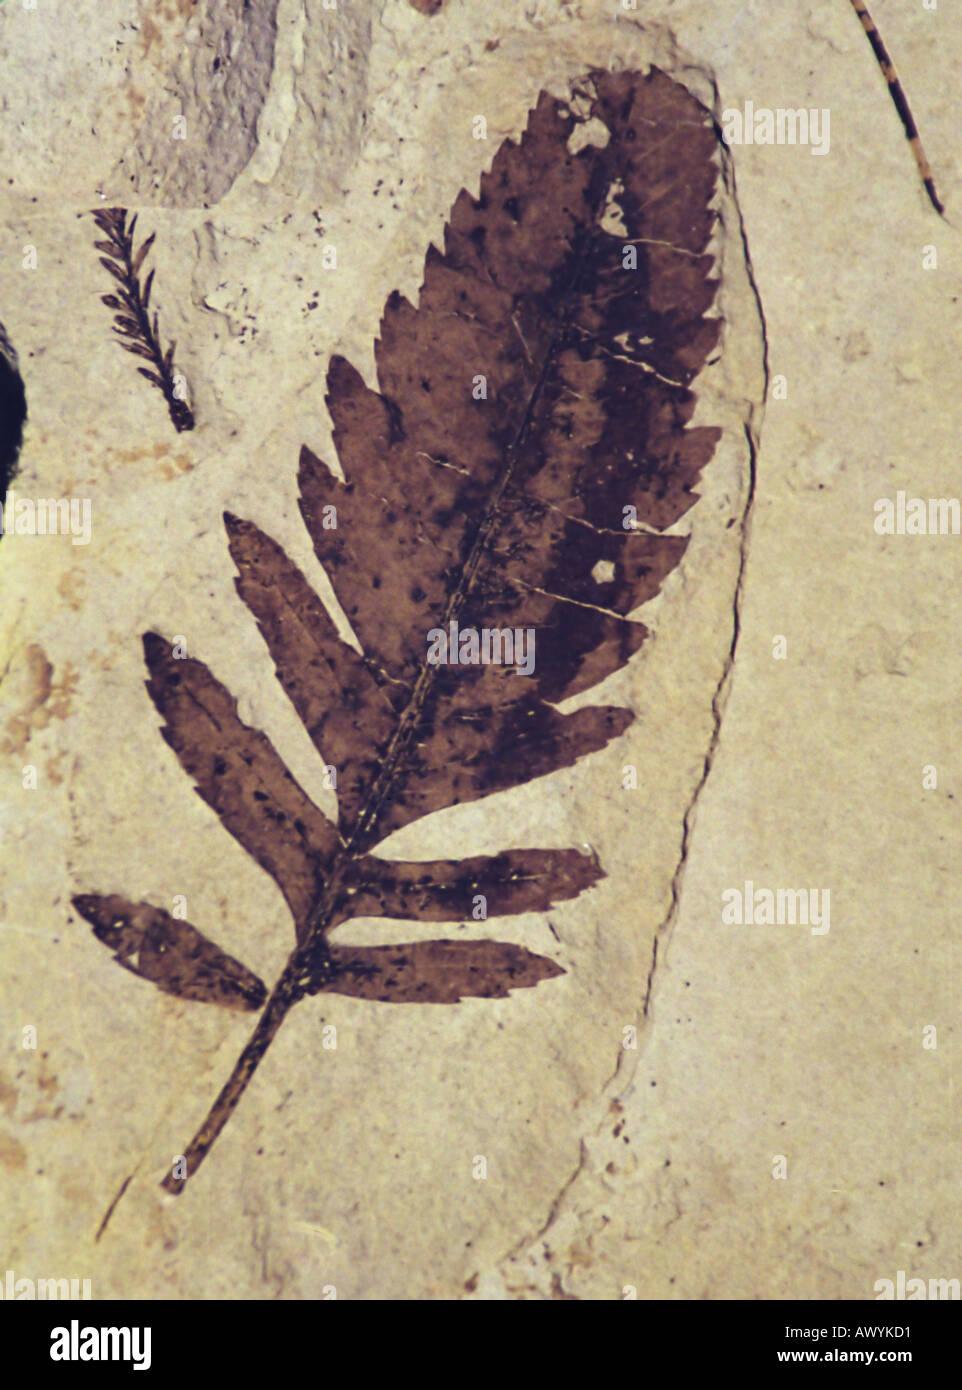 Feuille d'aubépine chinoise fossiles de l'Éocène du littoral au Boot Hill, Pierre Rose, Washington State, USA Photo Stock